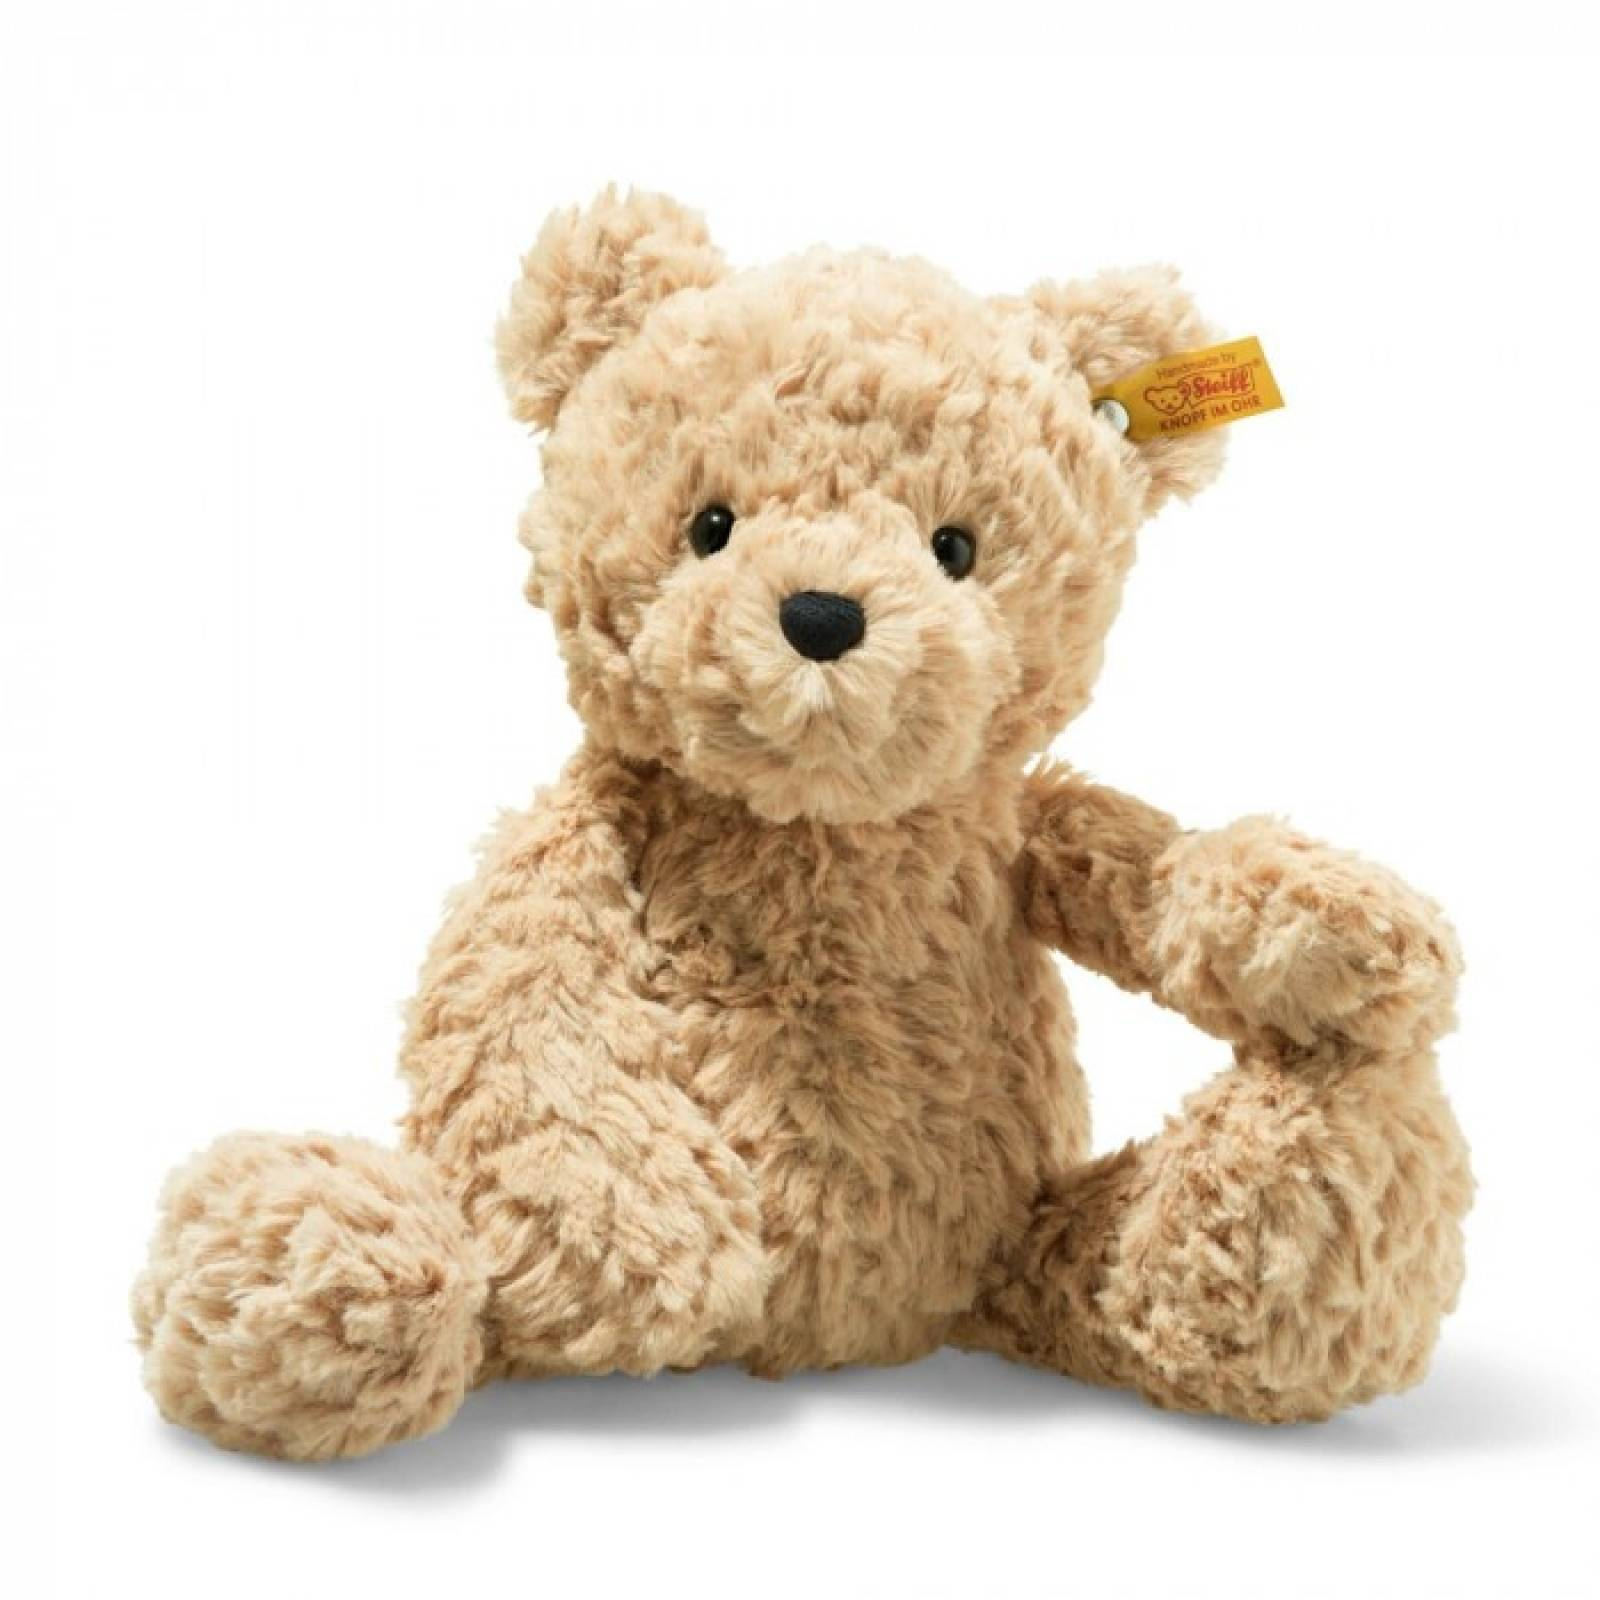 Jimmy Teddy Bear Soft Toy by Steiff